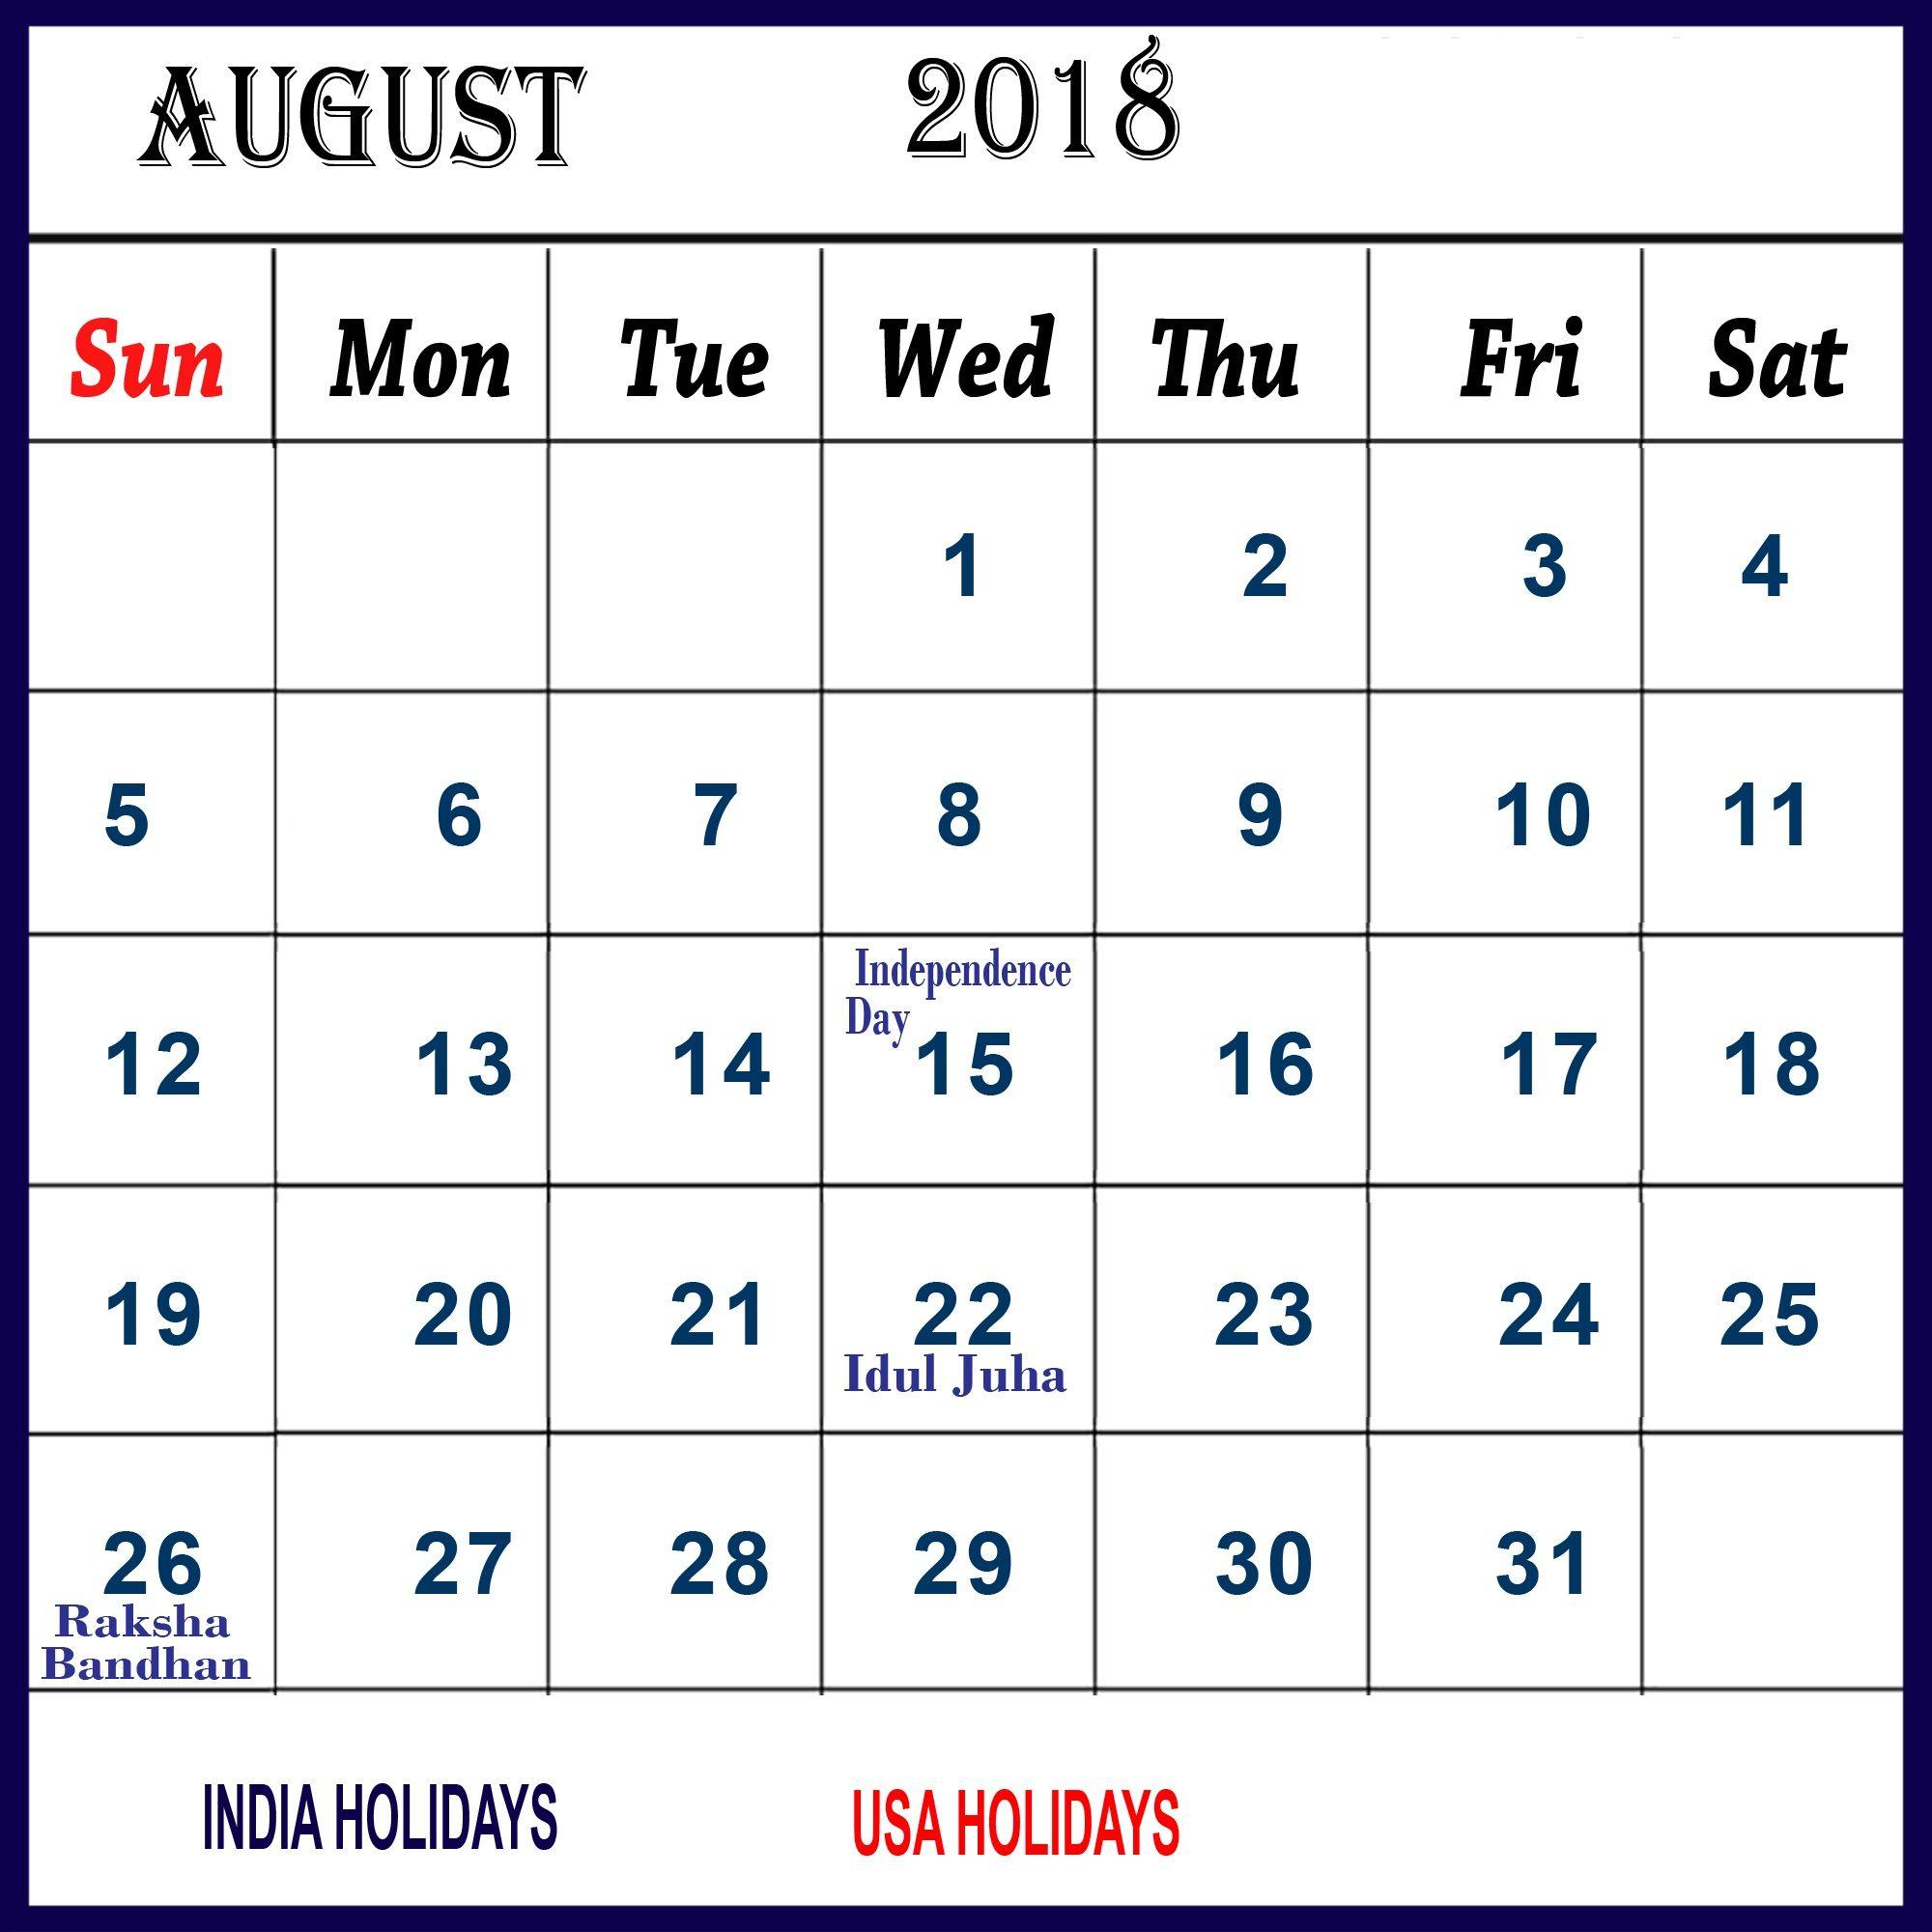 August 2018 Calendar India Tamil Telugu Free Printable